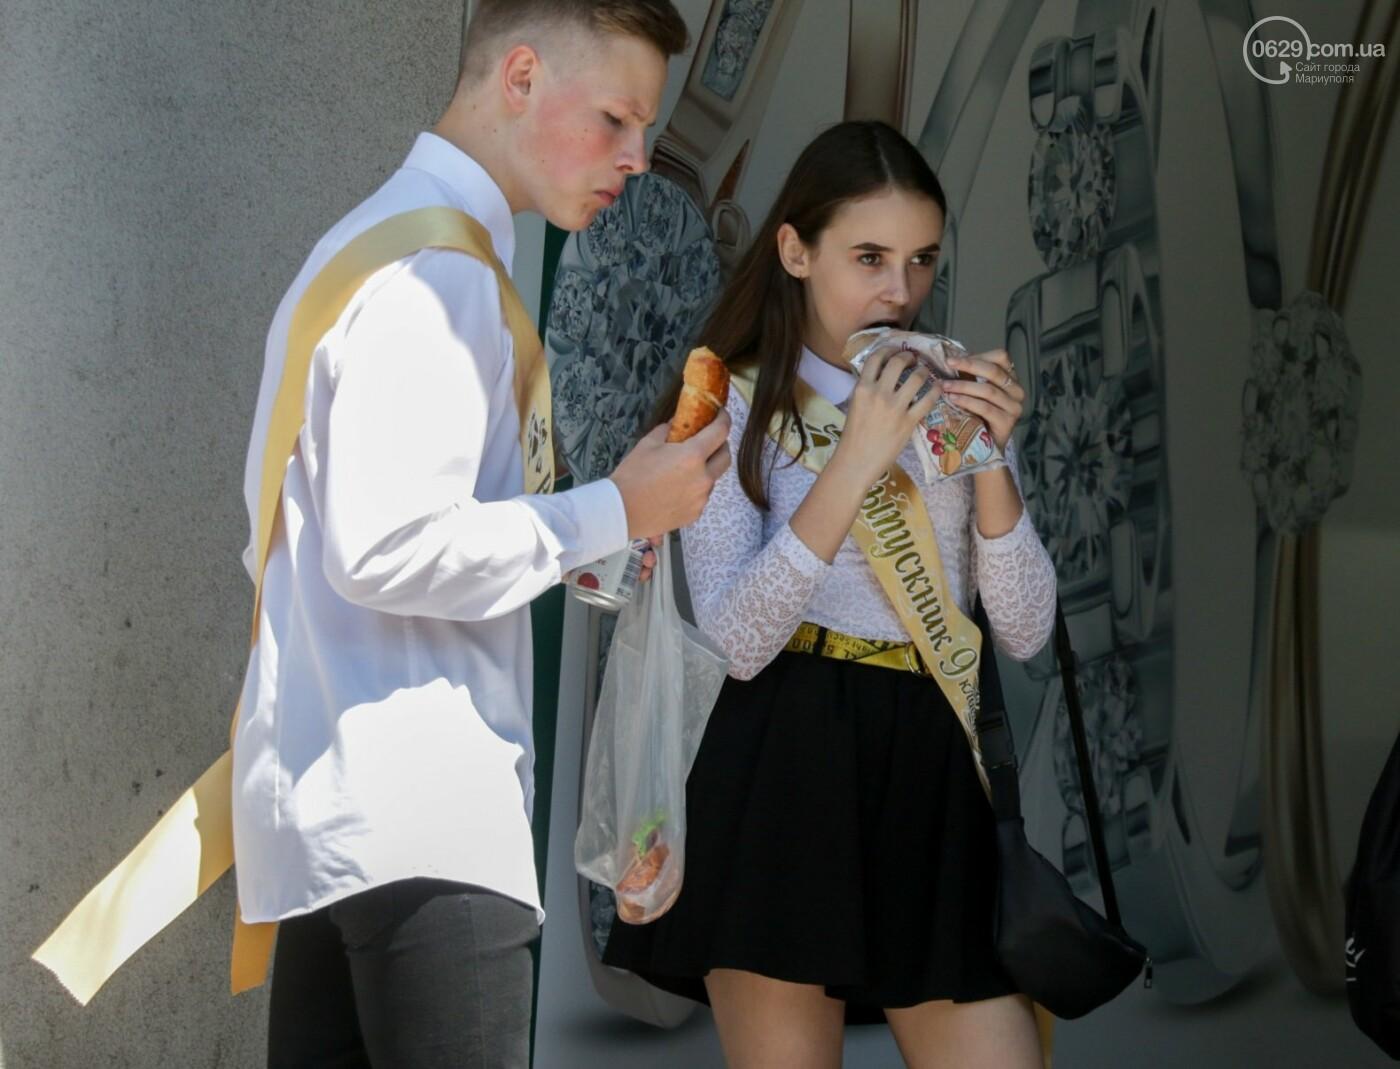 Как мариупольские школьники у десантников фонтаны отбирали, - ФОТОРЕПОРТАЖ, фото-8